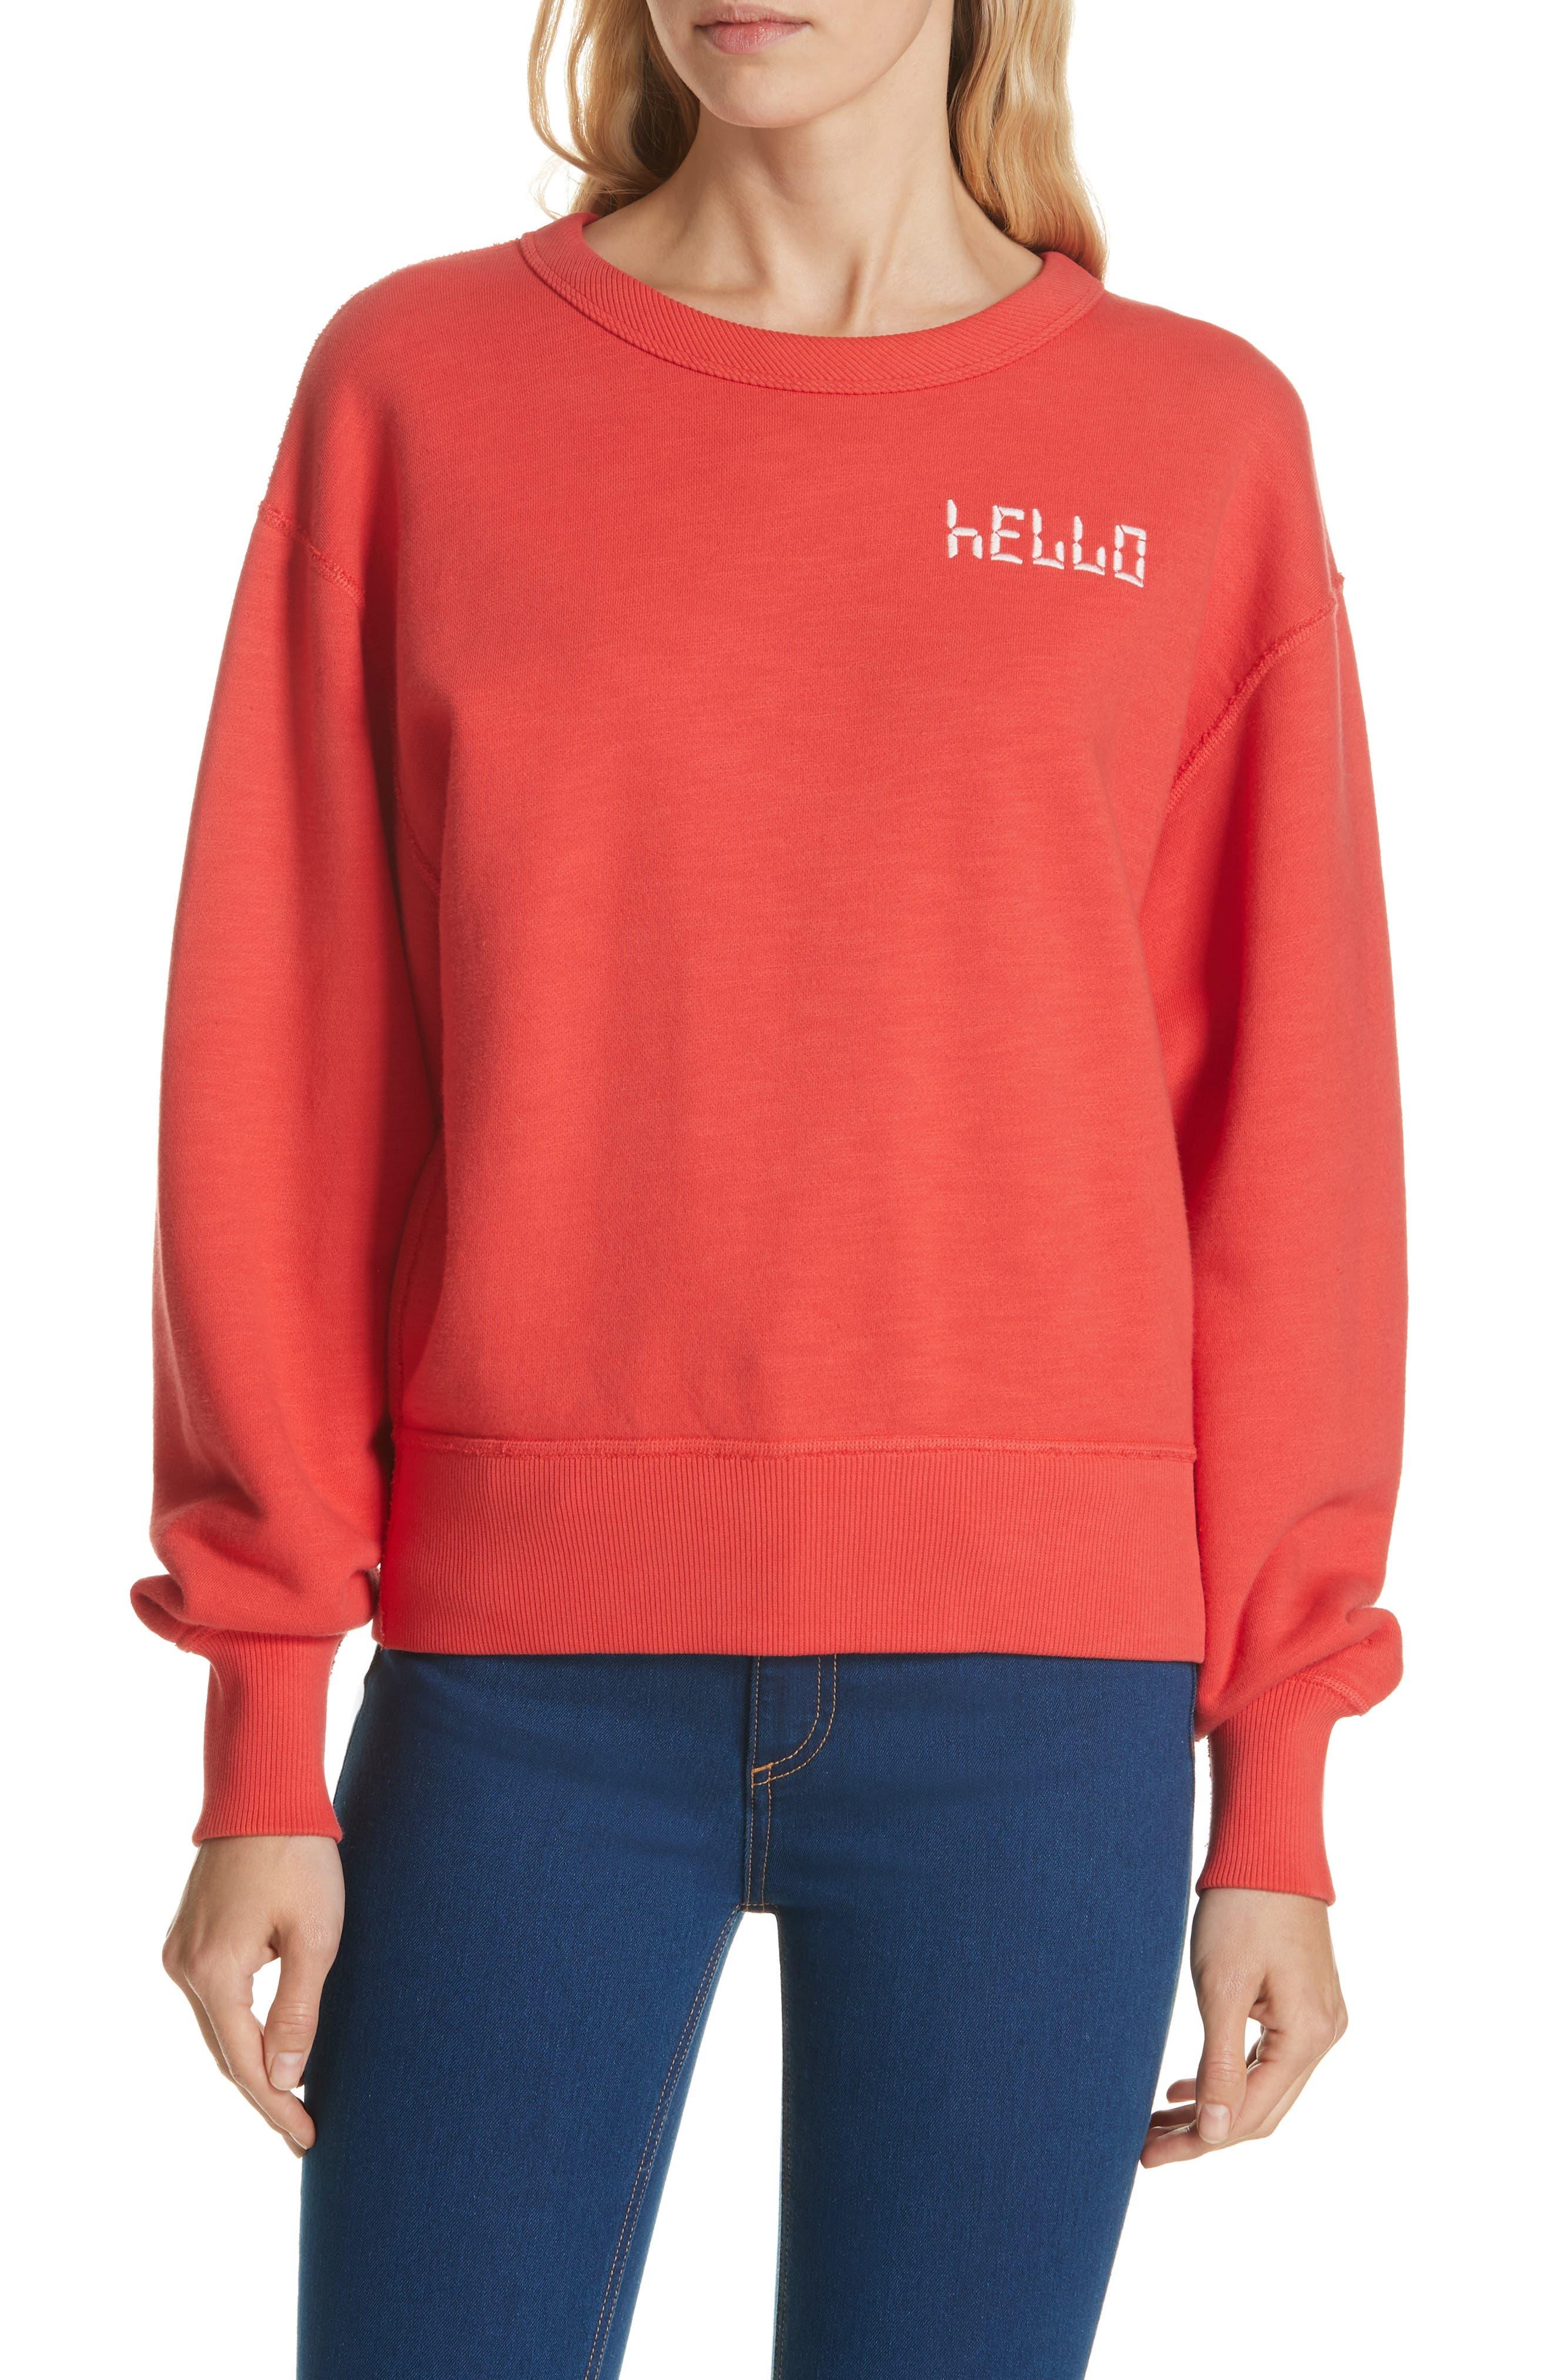 Hello Sweatshirt,                             Main thumbnail 1, color,                             CANDY APPLE